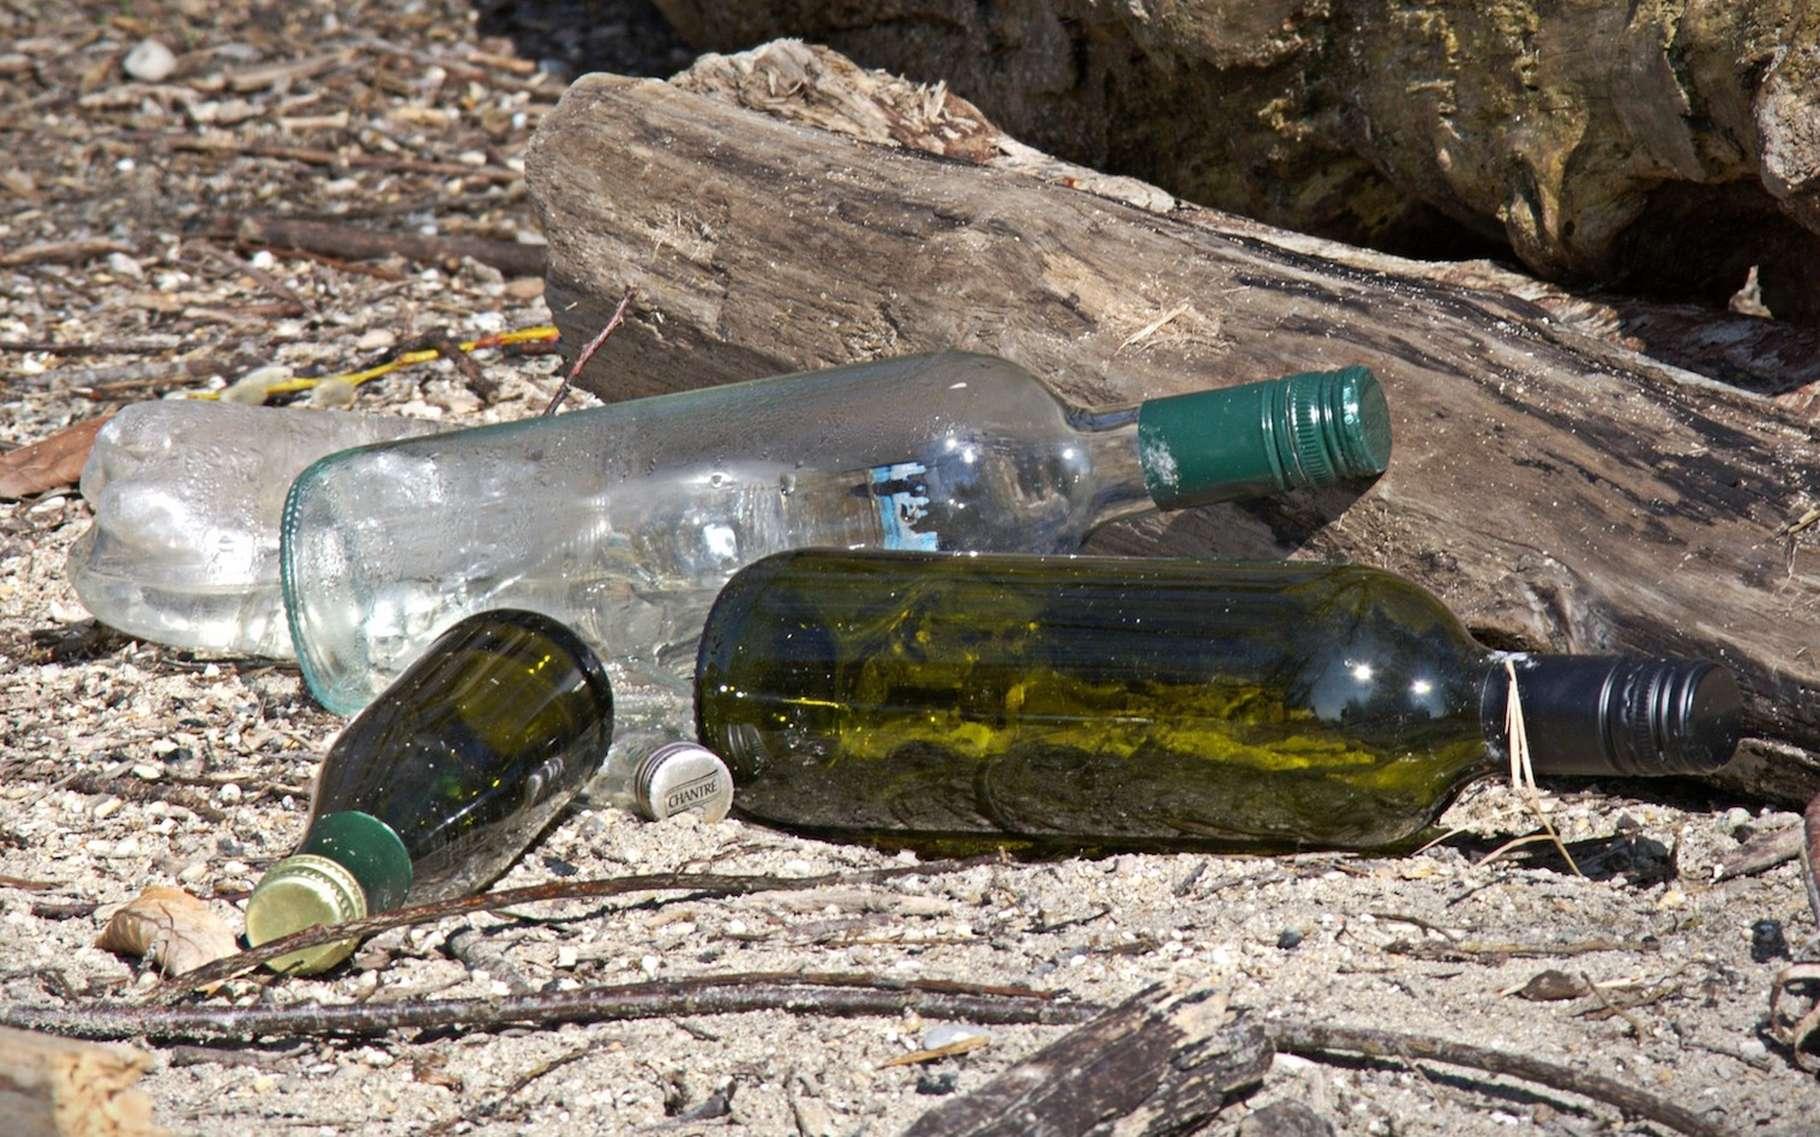 Chaque Français produit quelque 350 kg de déchets par an. Une partie se retrouve abandonnée dans l'environnement pour une durée qui dépend de la nature du déchet en question. Le verre compte parmi les déchets ménagers dont la durée de vie est la plus importante. © Antranias, Pixabay, DP